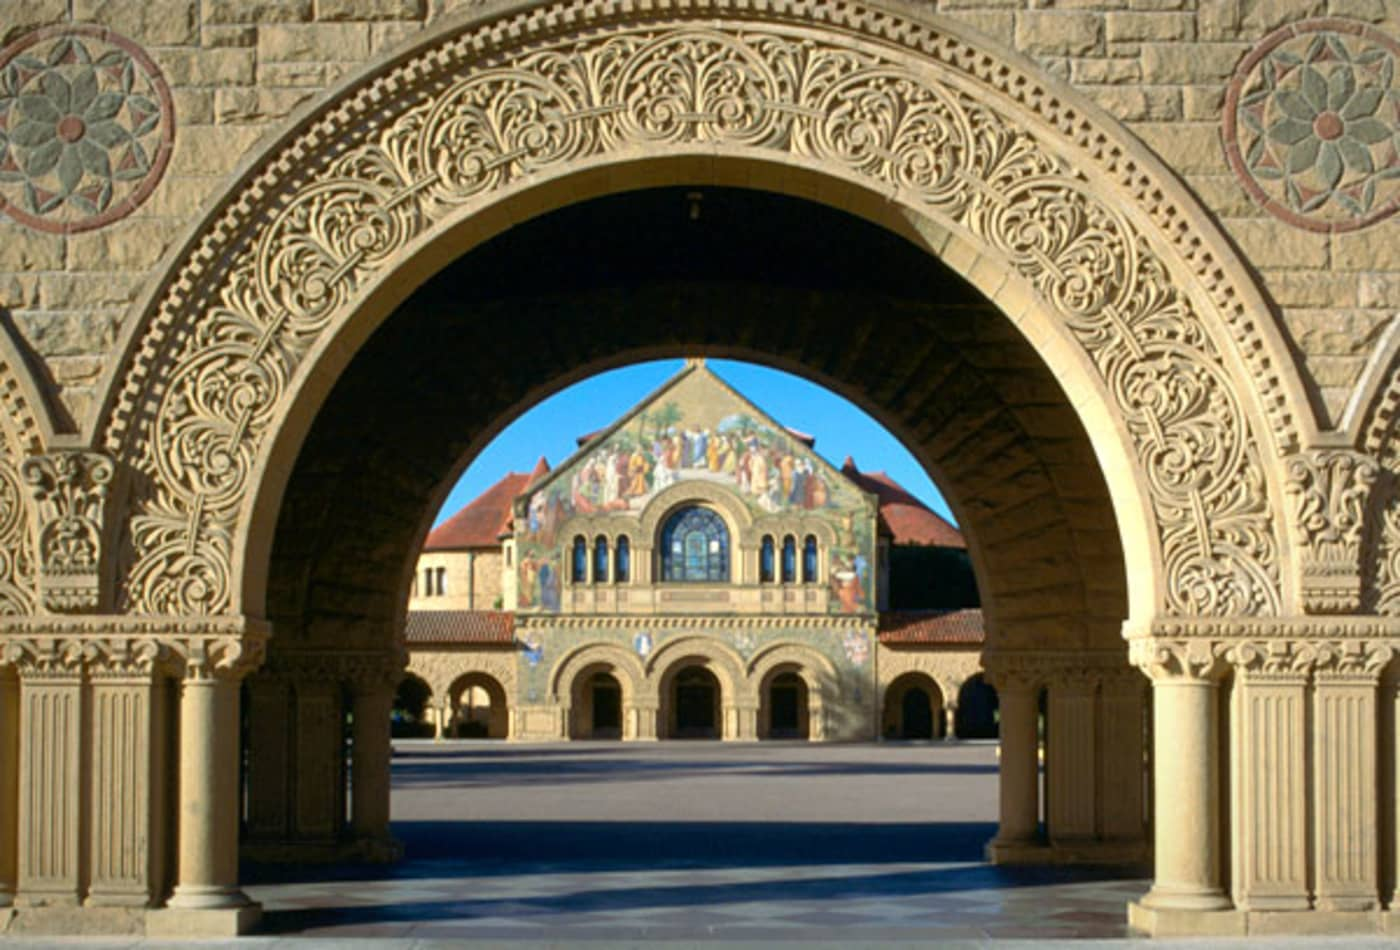 Stanford-Colleges-Highest-Paychecks-2012-CNBC.jpg